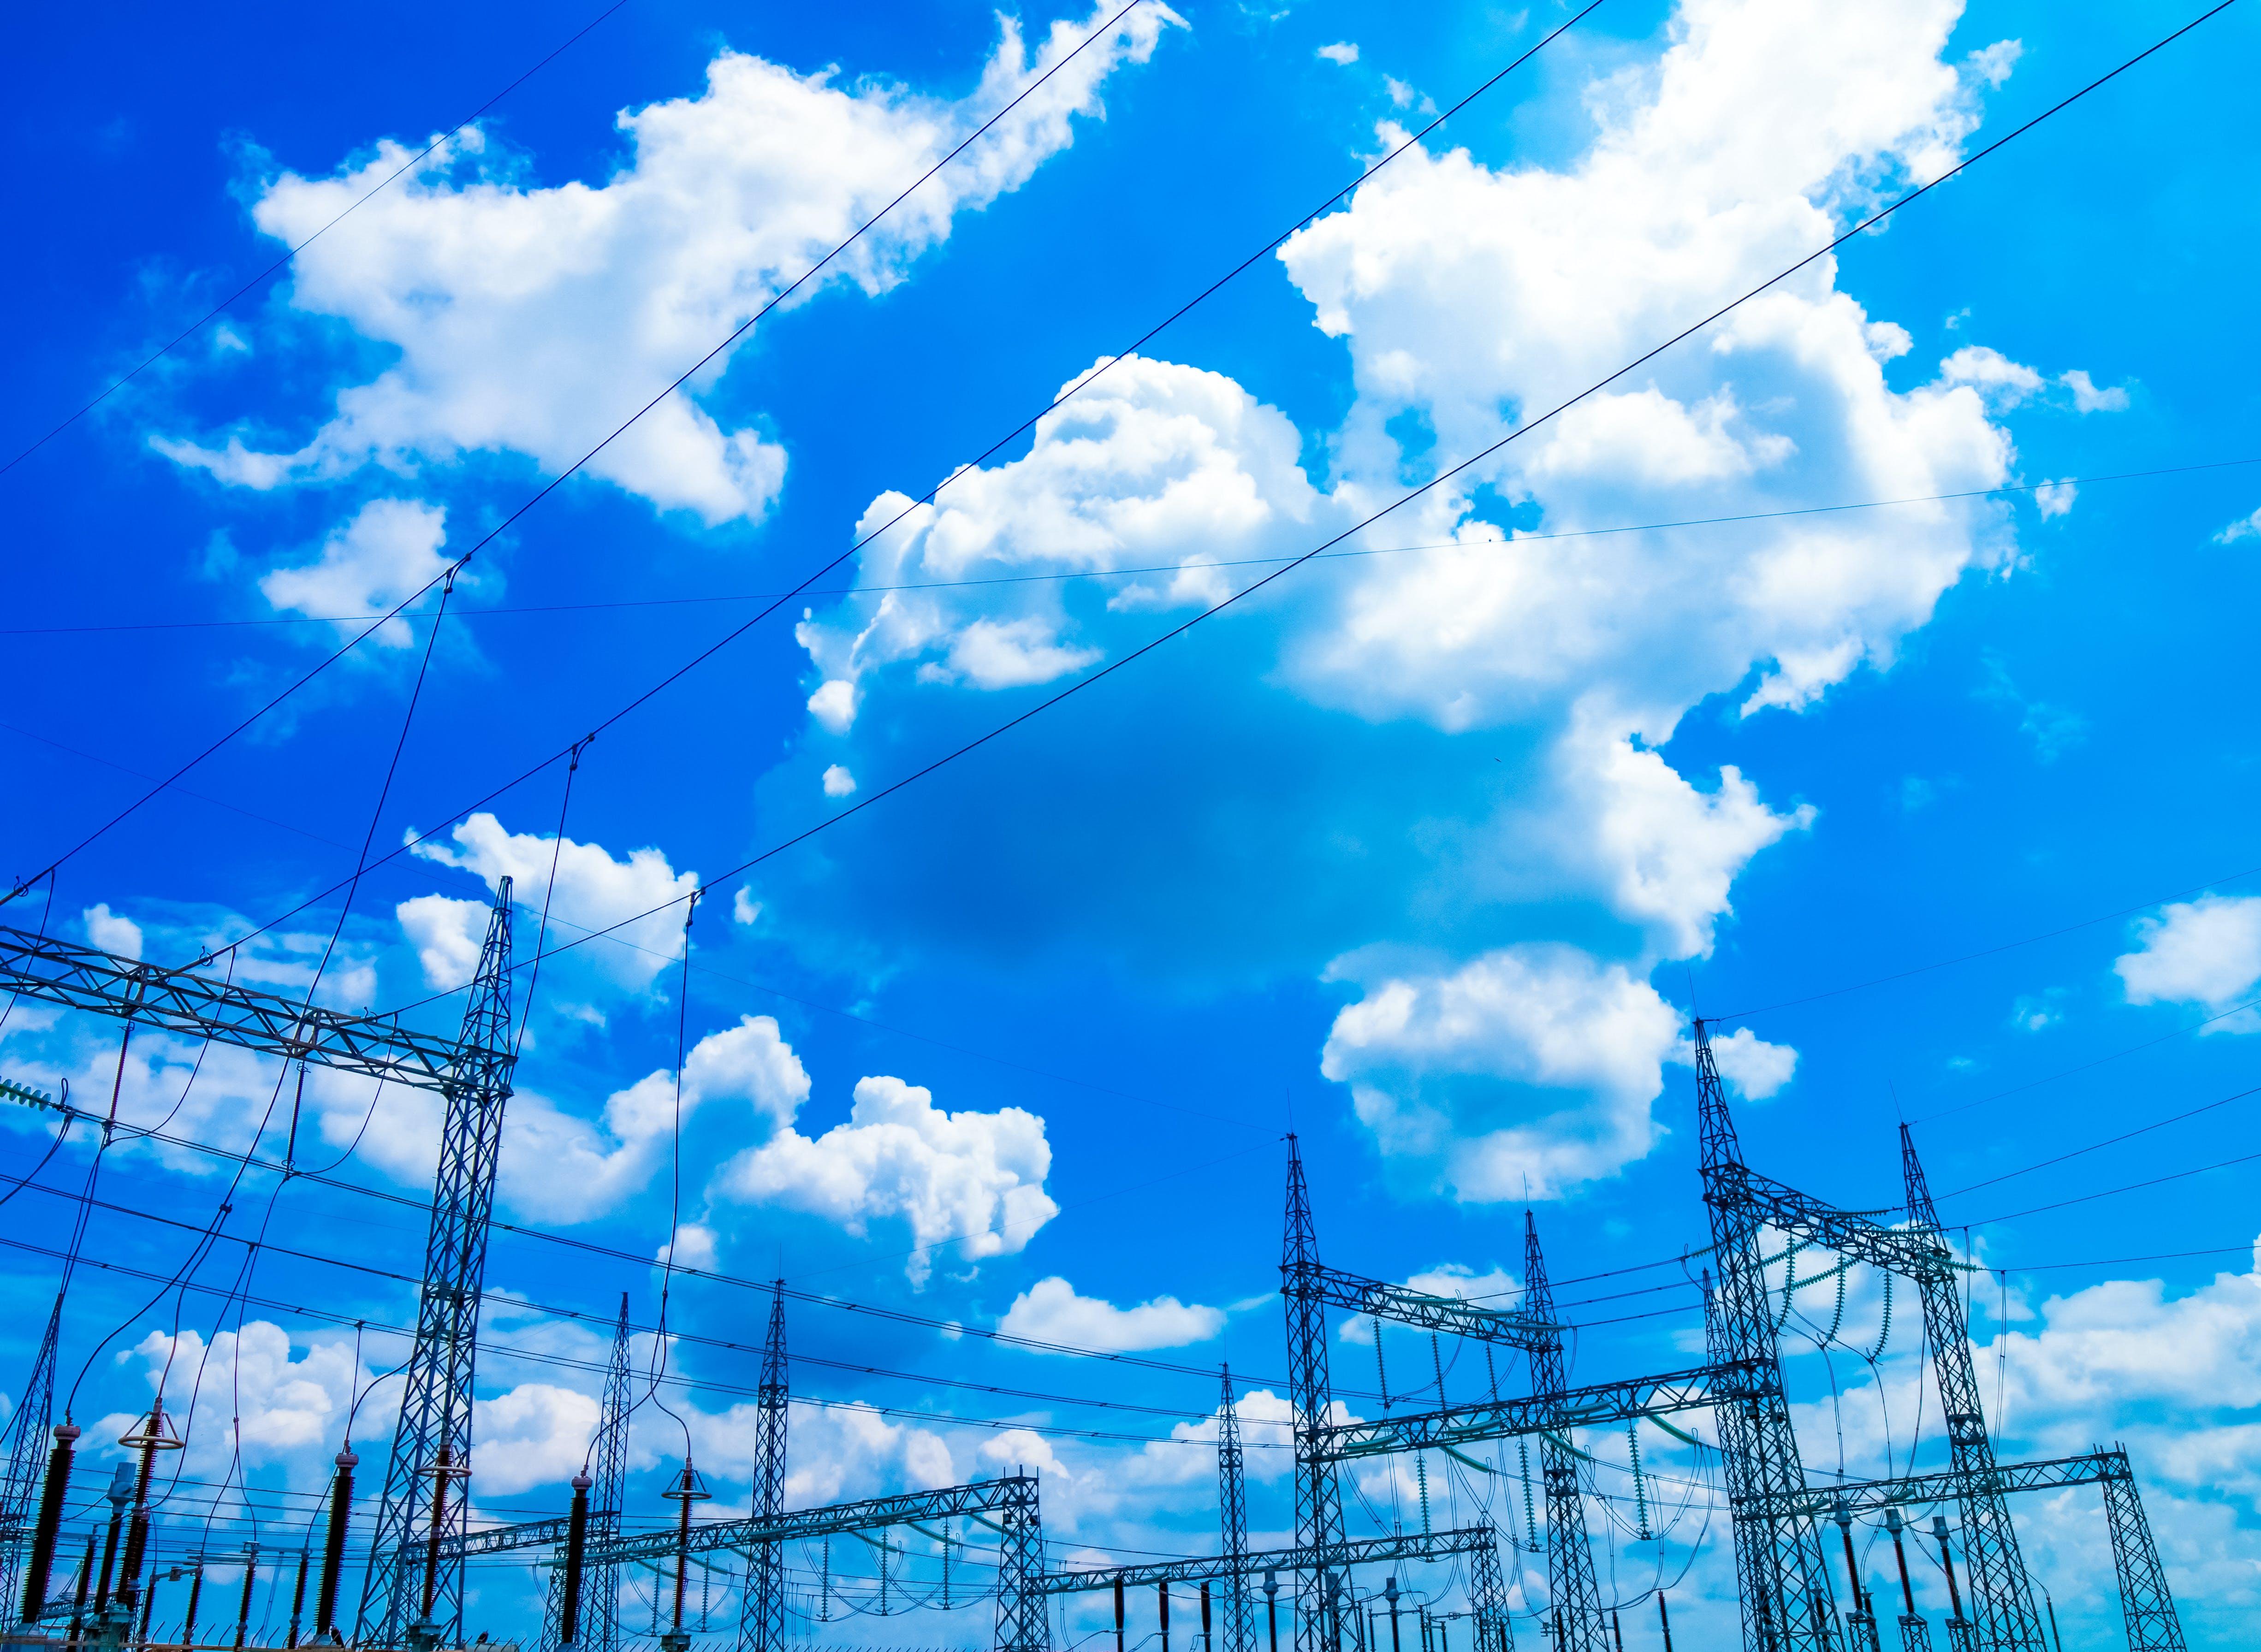 Free stock photo of sky, substation